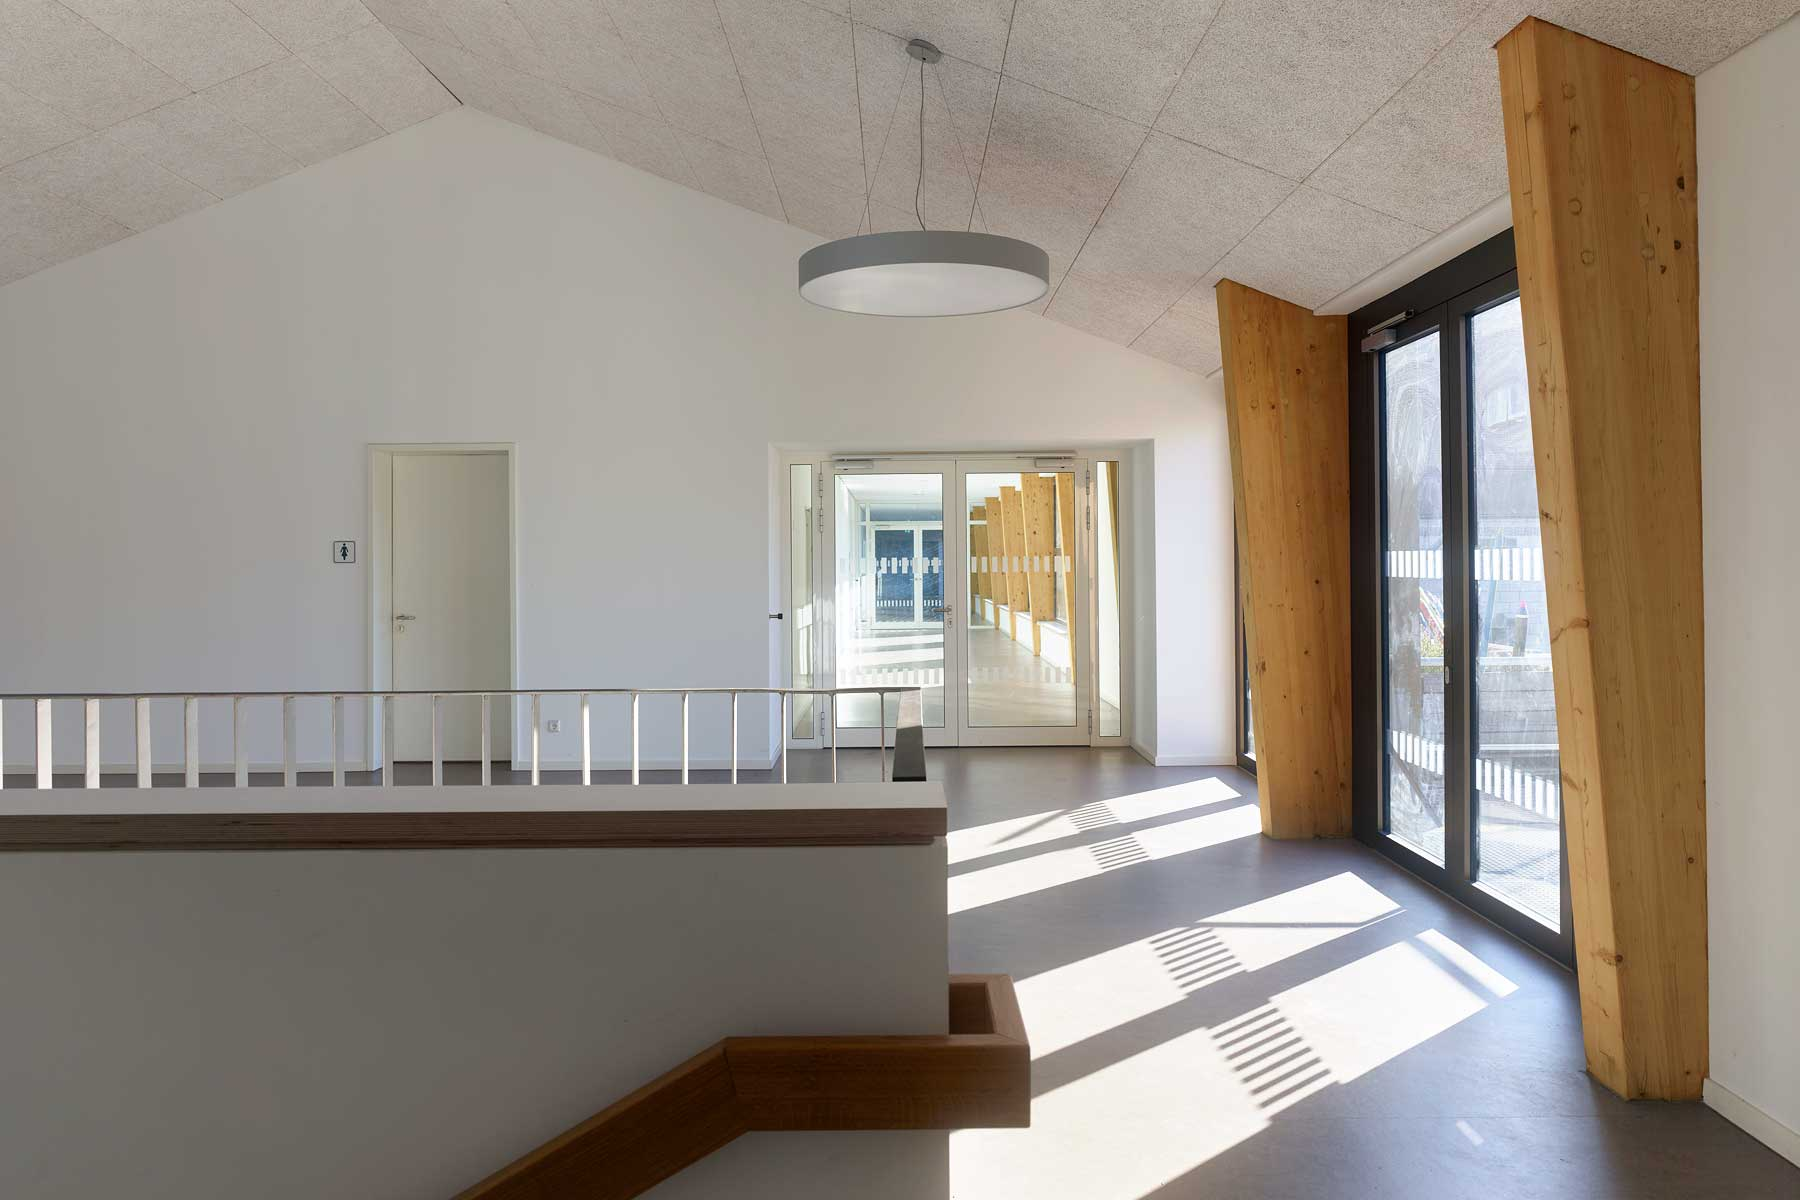 Friedrich-List Schule, Ulm – Treppenhaus